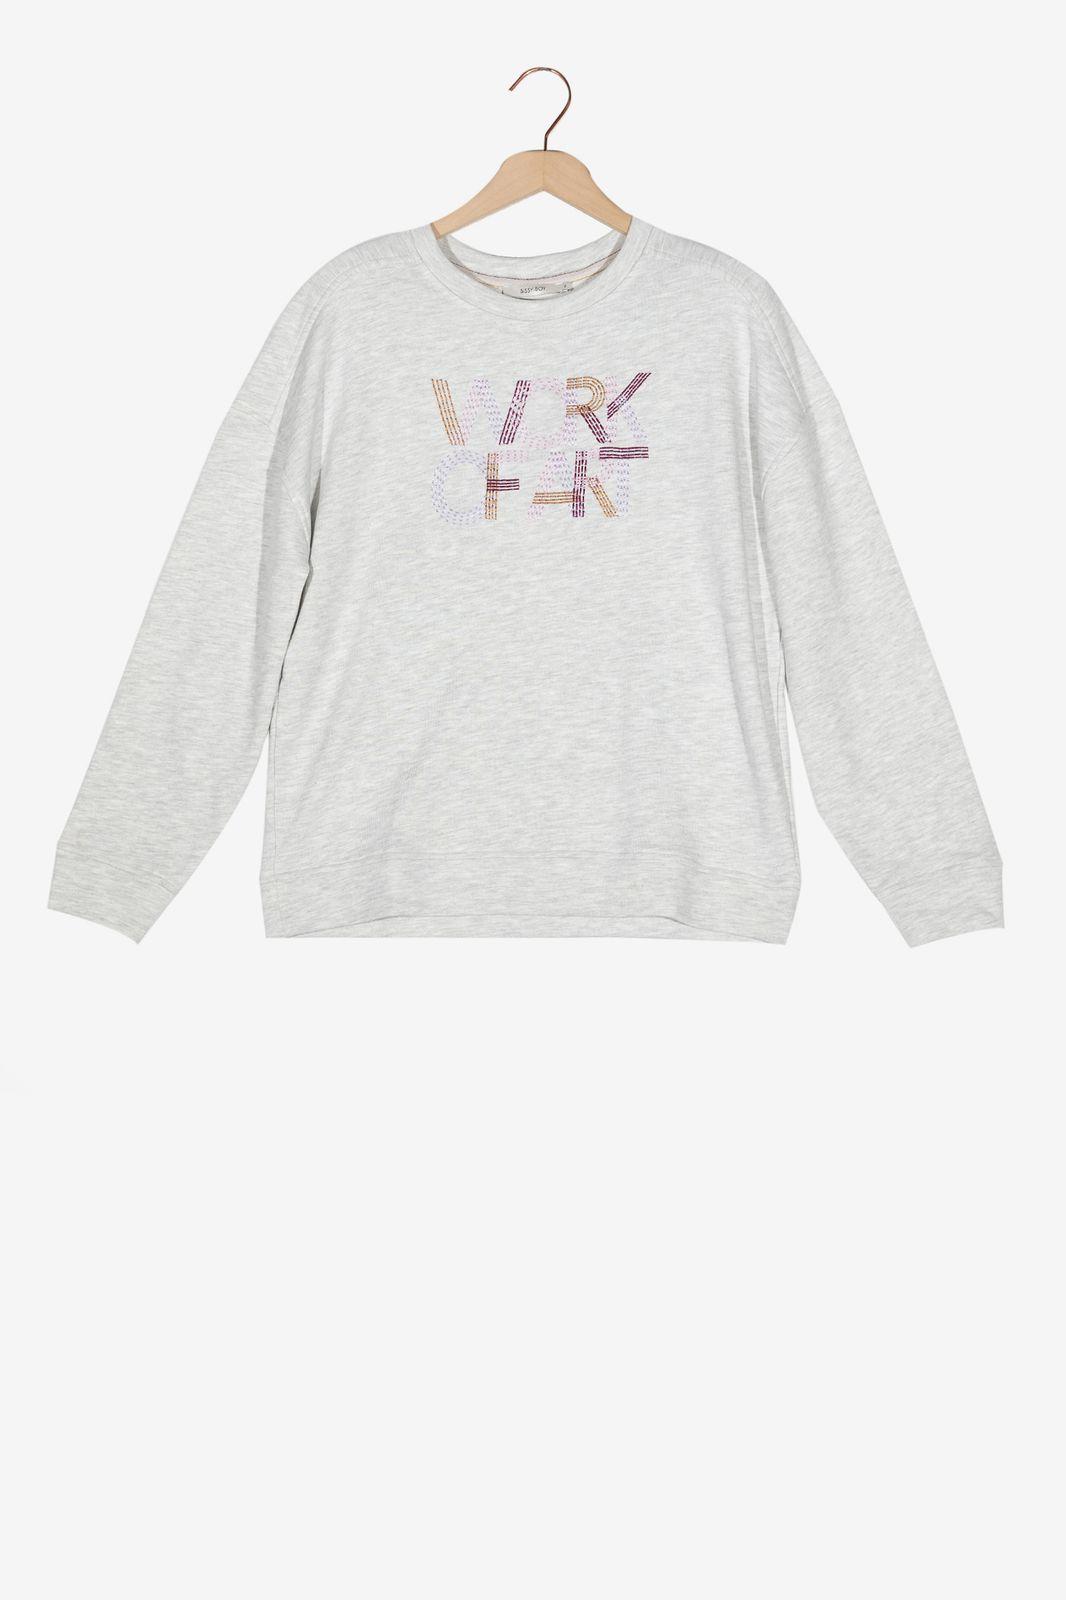 Lichtgrijze sweater met tekst